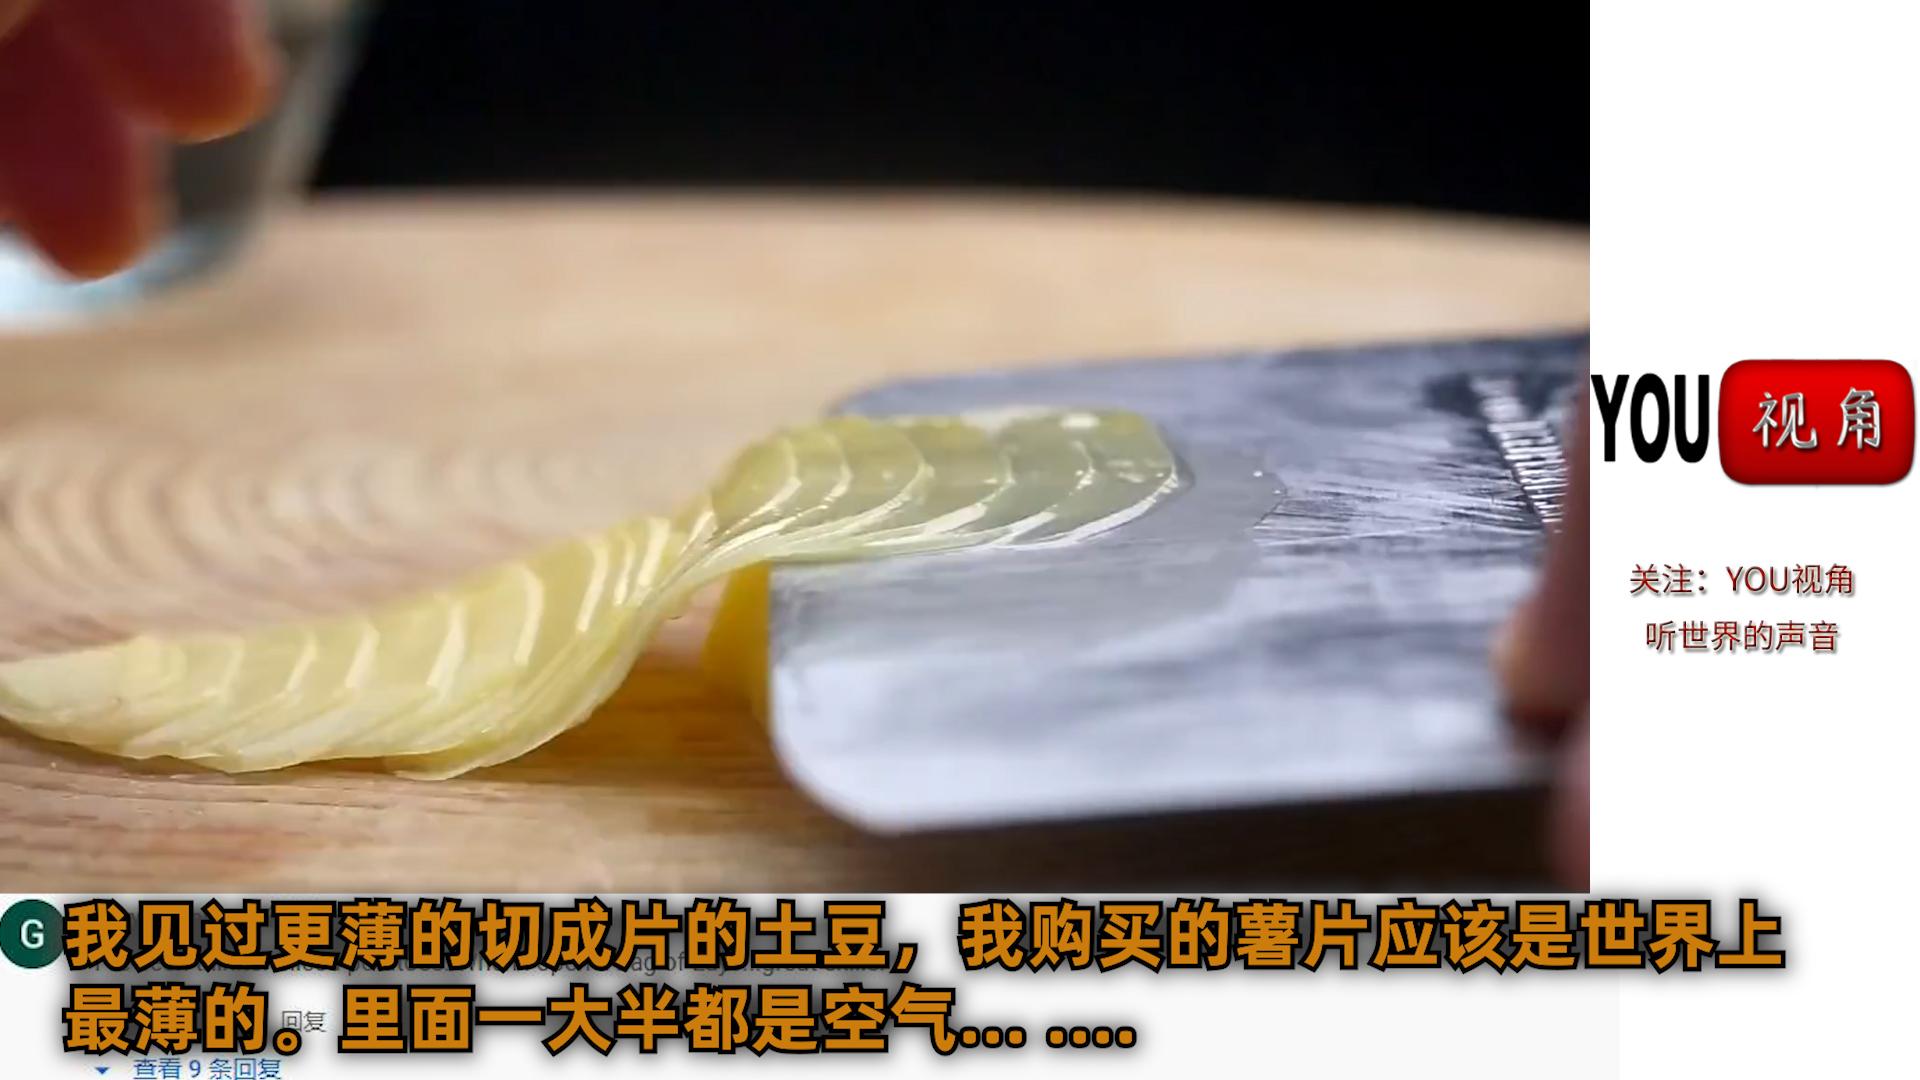 外国人看中国厨师做中餐 外国网友 我明白为什么中餐这么贵了